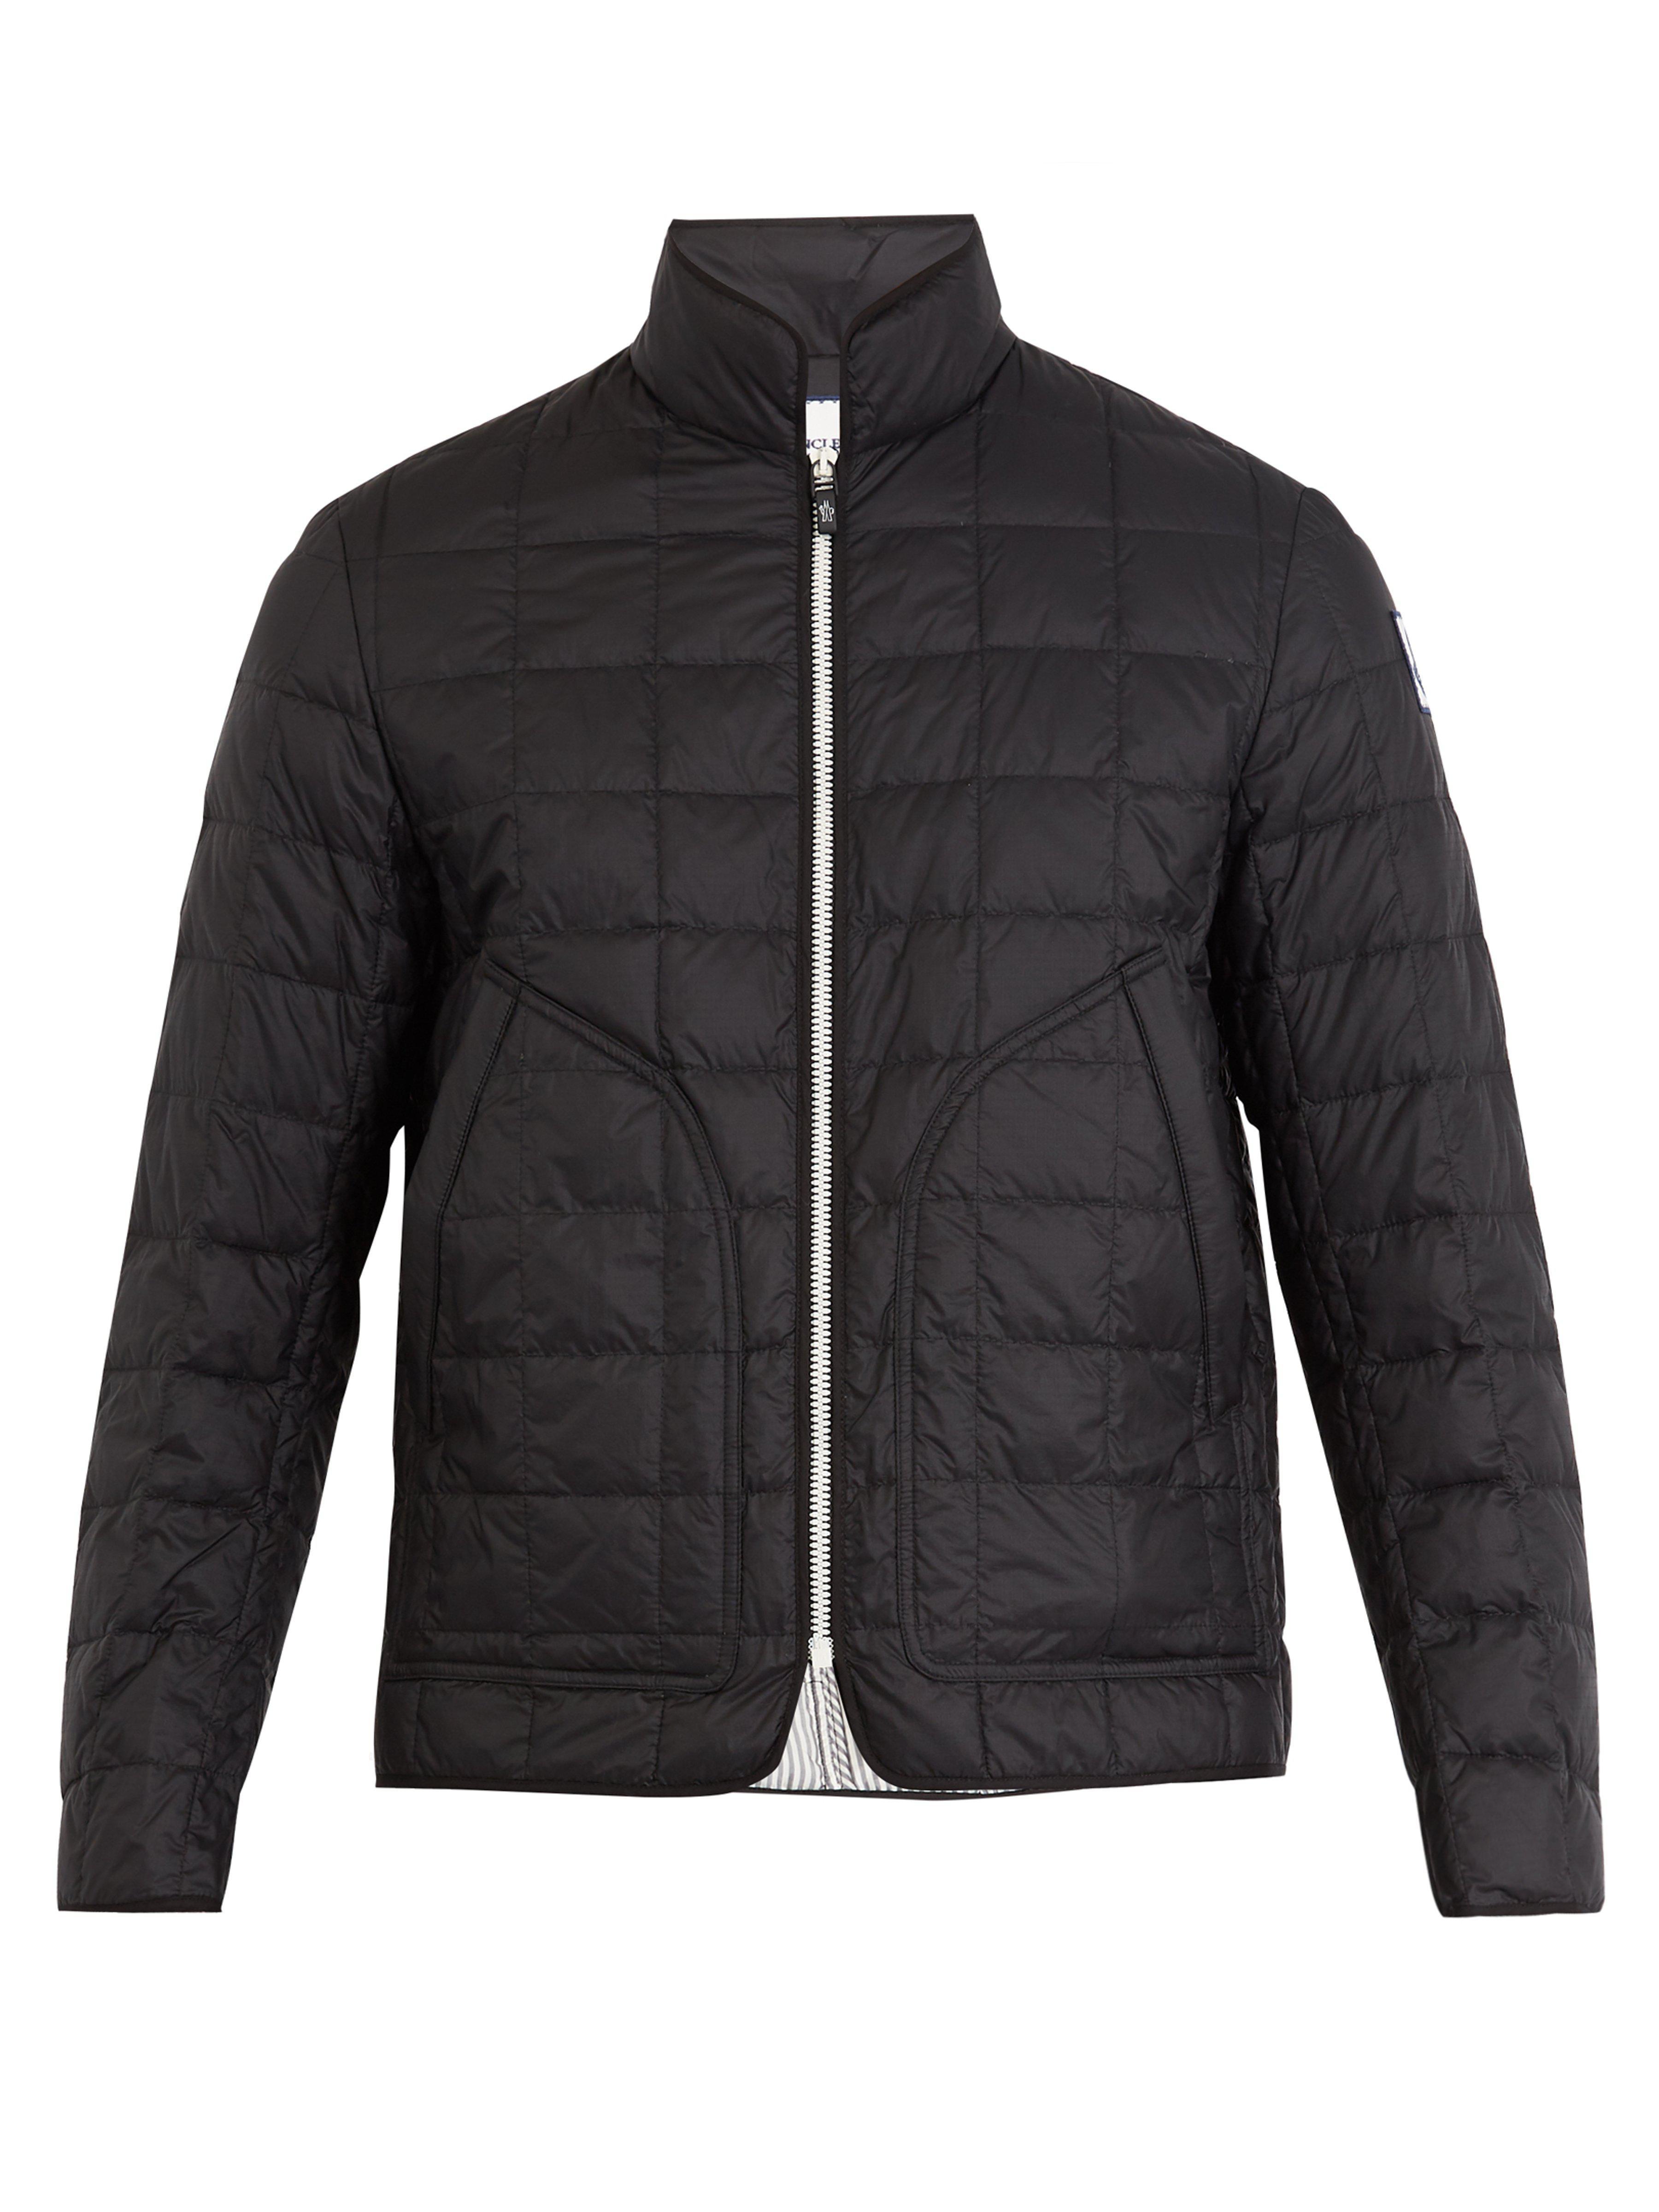 ef3c0d3b0111 Moncler Gamme Bleu Quilted Down Jacket in Black for Men - Lyst